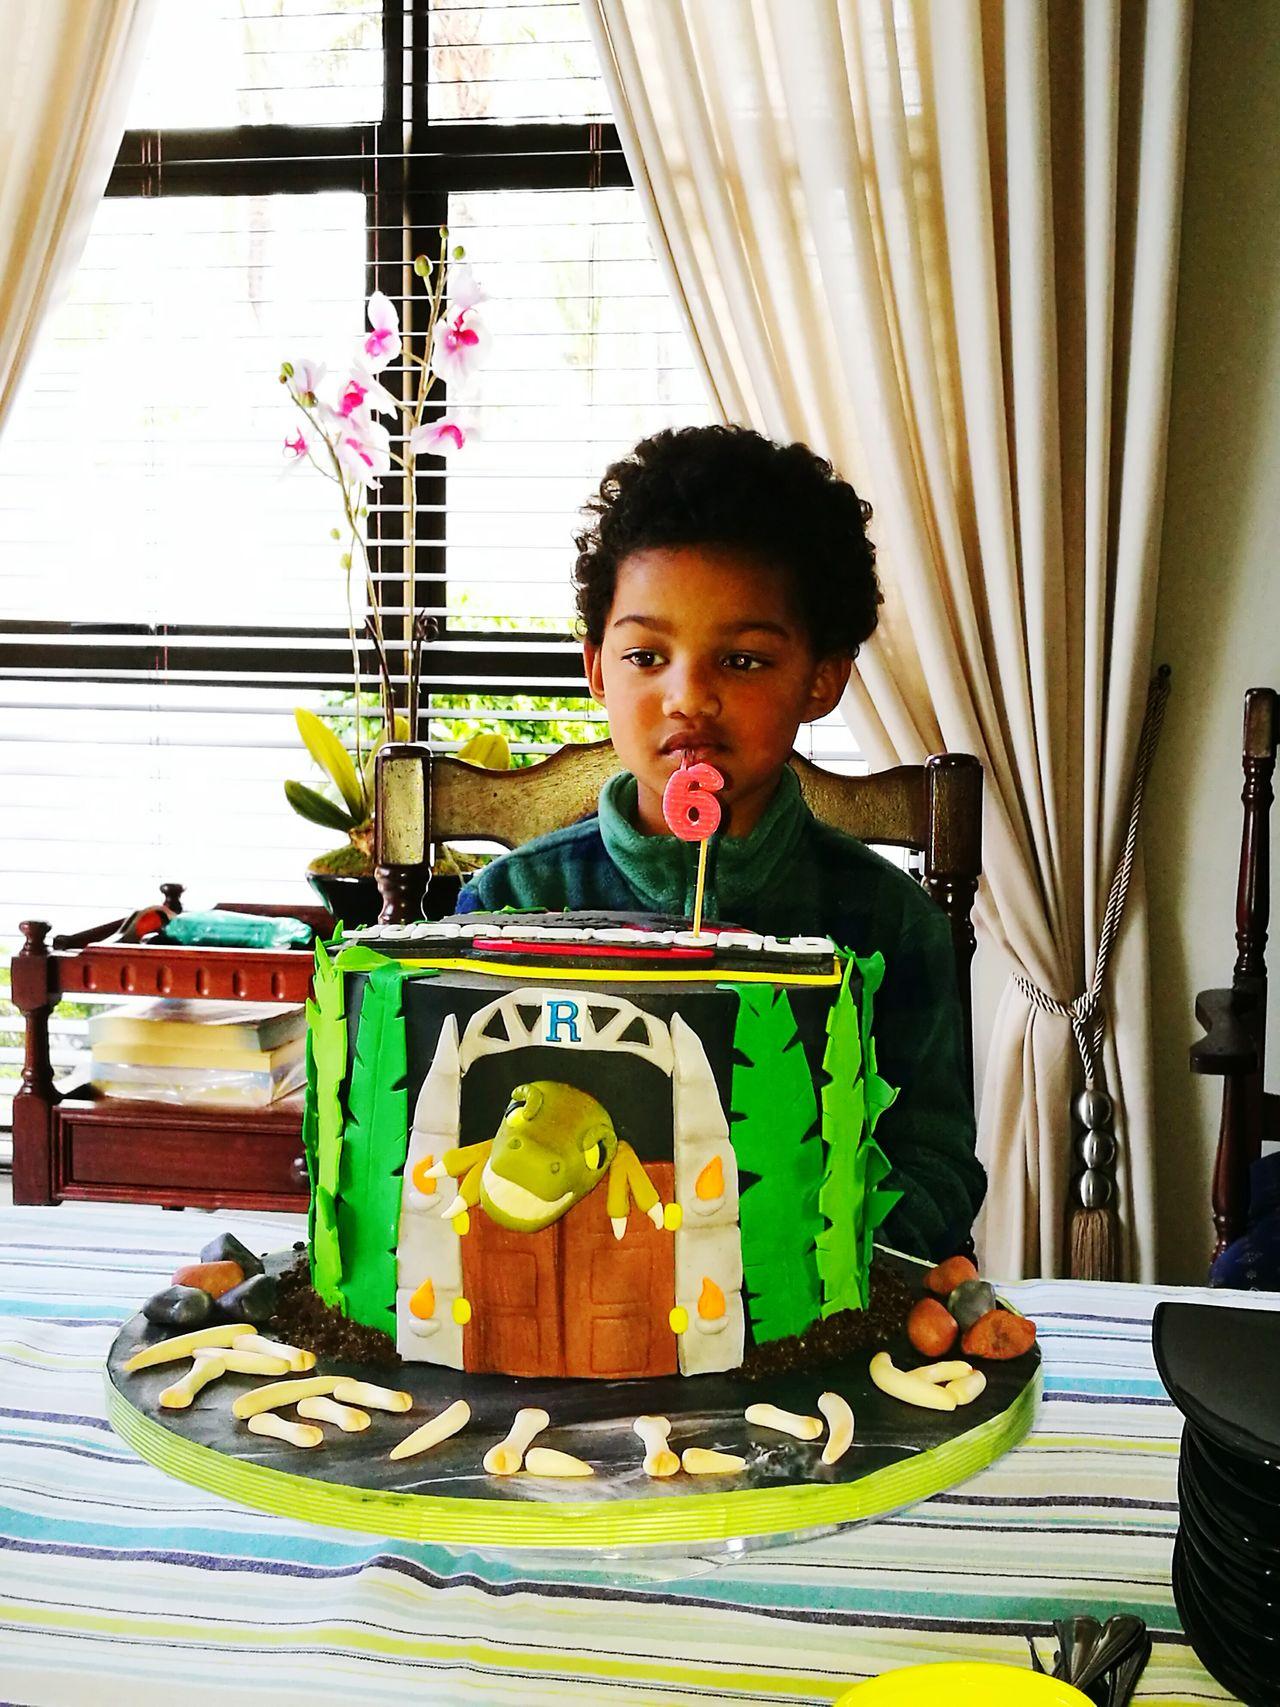 Jarassicpark Reilly6 MySON♥ Birthdayboy LovesDinosaurs Choclate Cake